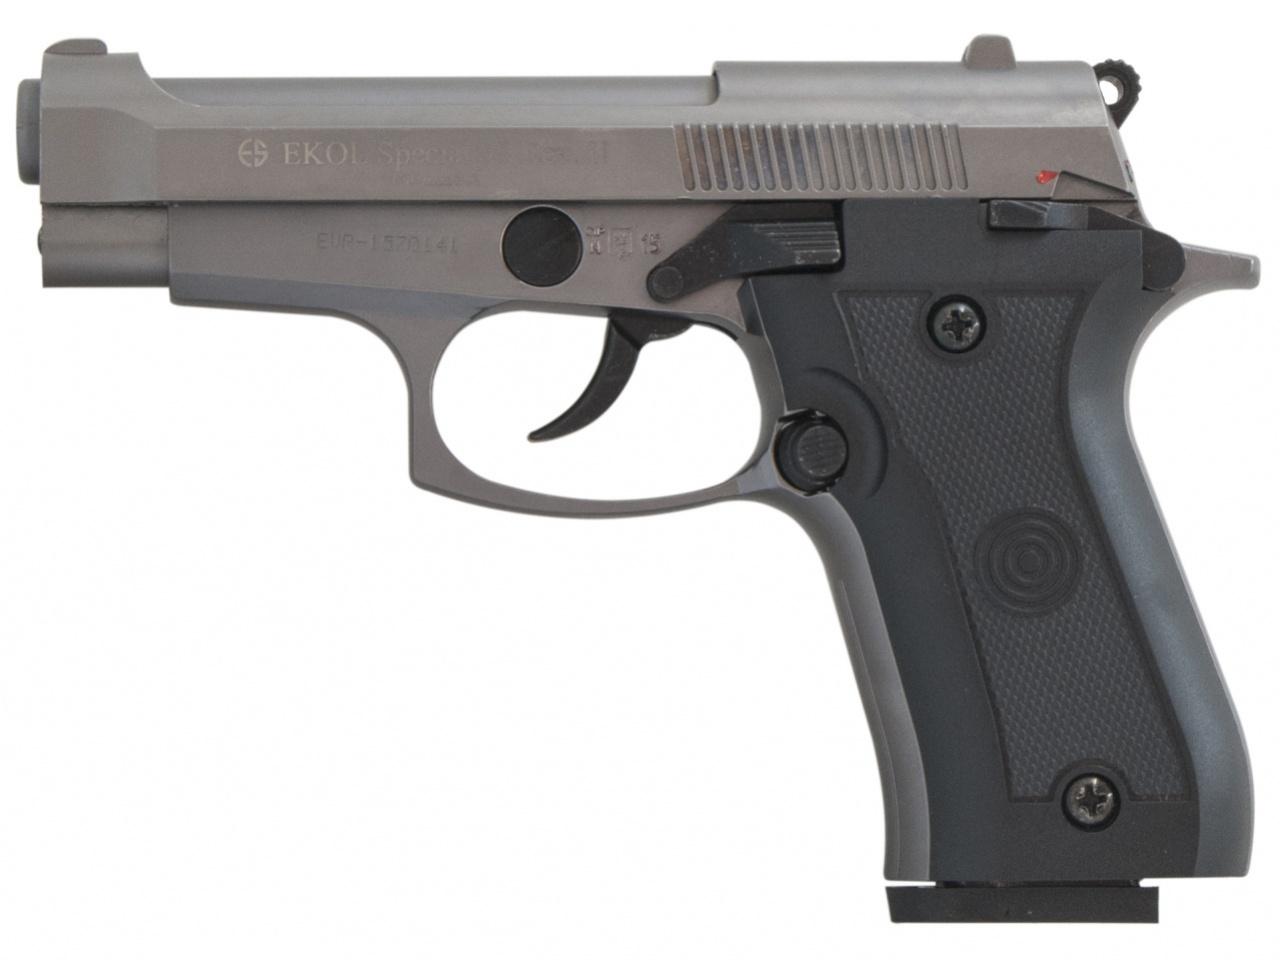 Pistolet gazowy Ekol Special 99 REV II tytan kal.9mm